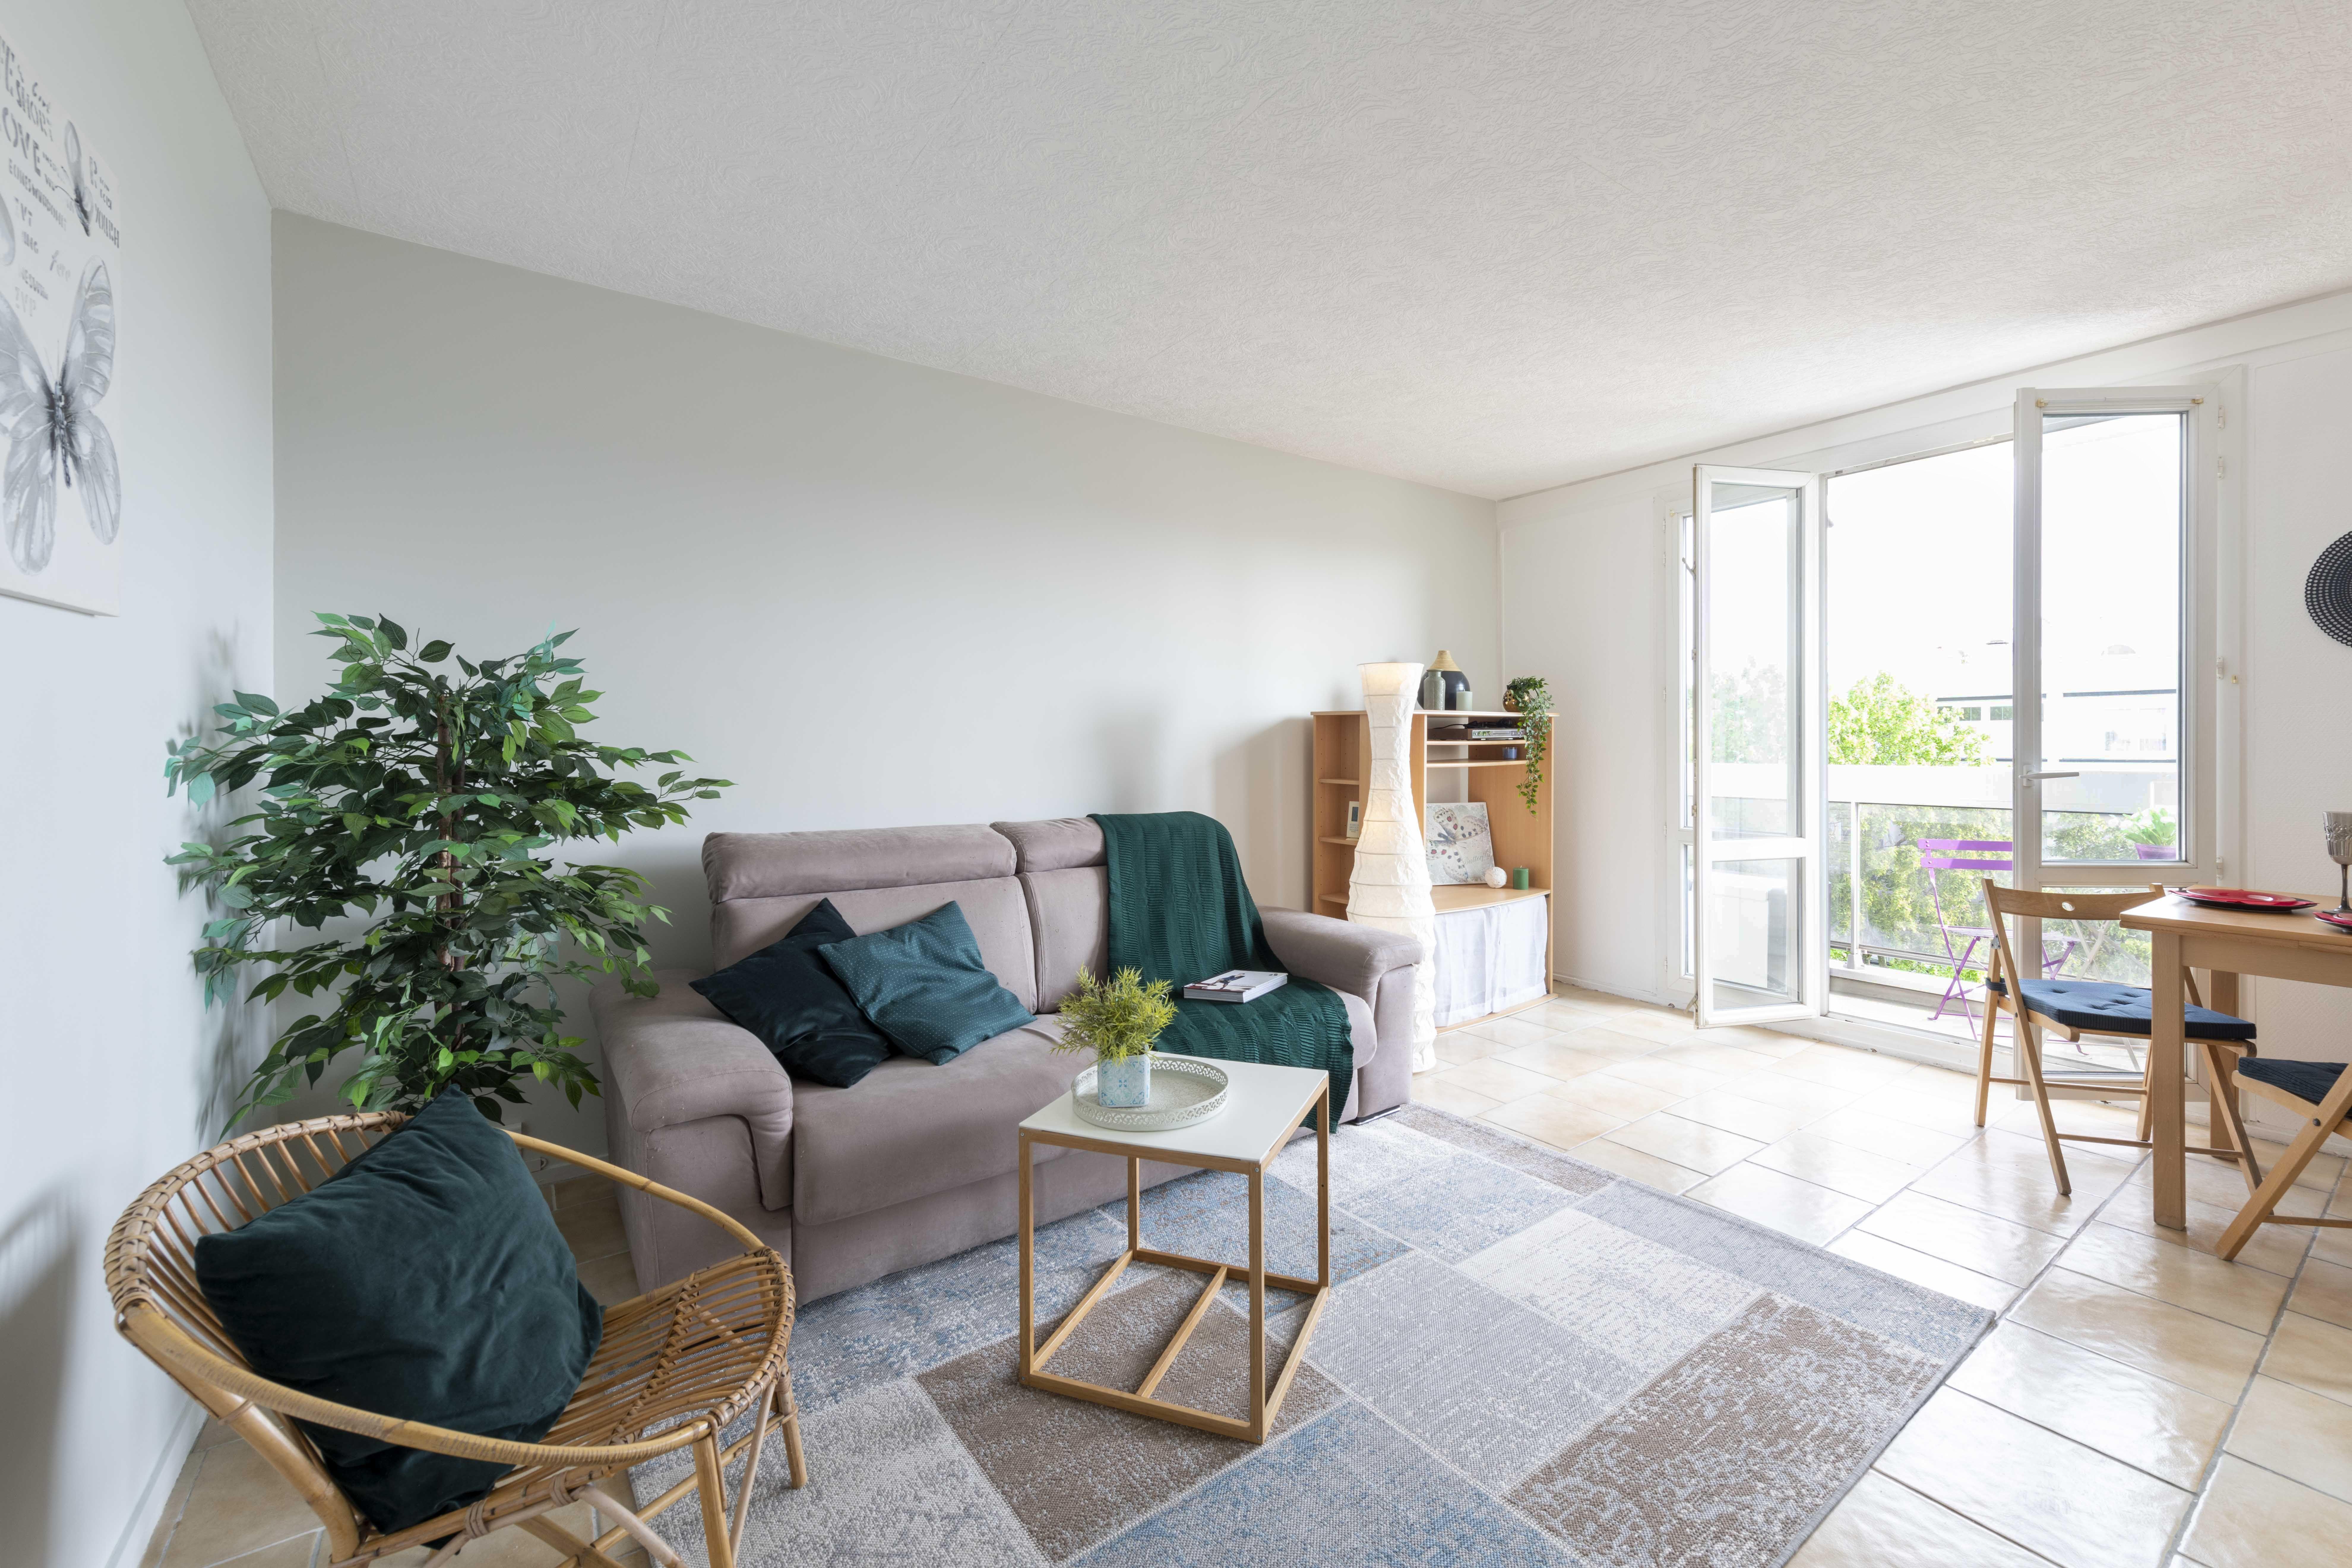 Home Staging D Un Appartement En Essonne Homestagingavantapres Une Cliente Fi In 2020 Outdoor Furniture Sets Unique Furniture Furniture Plans